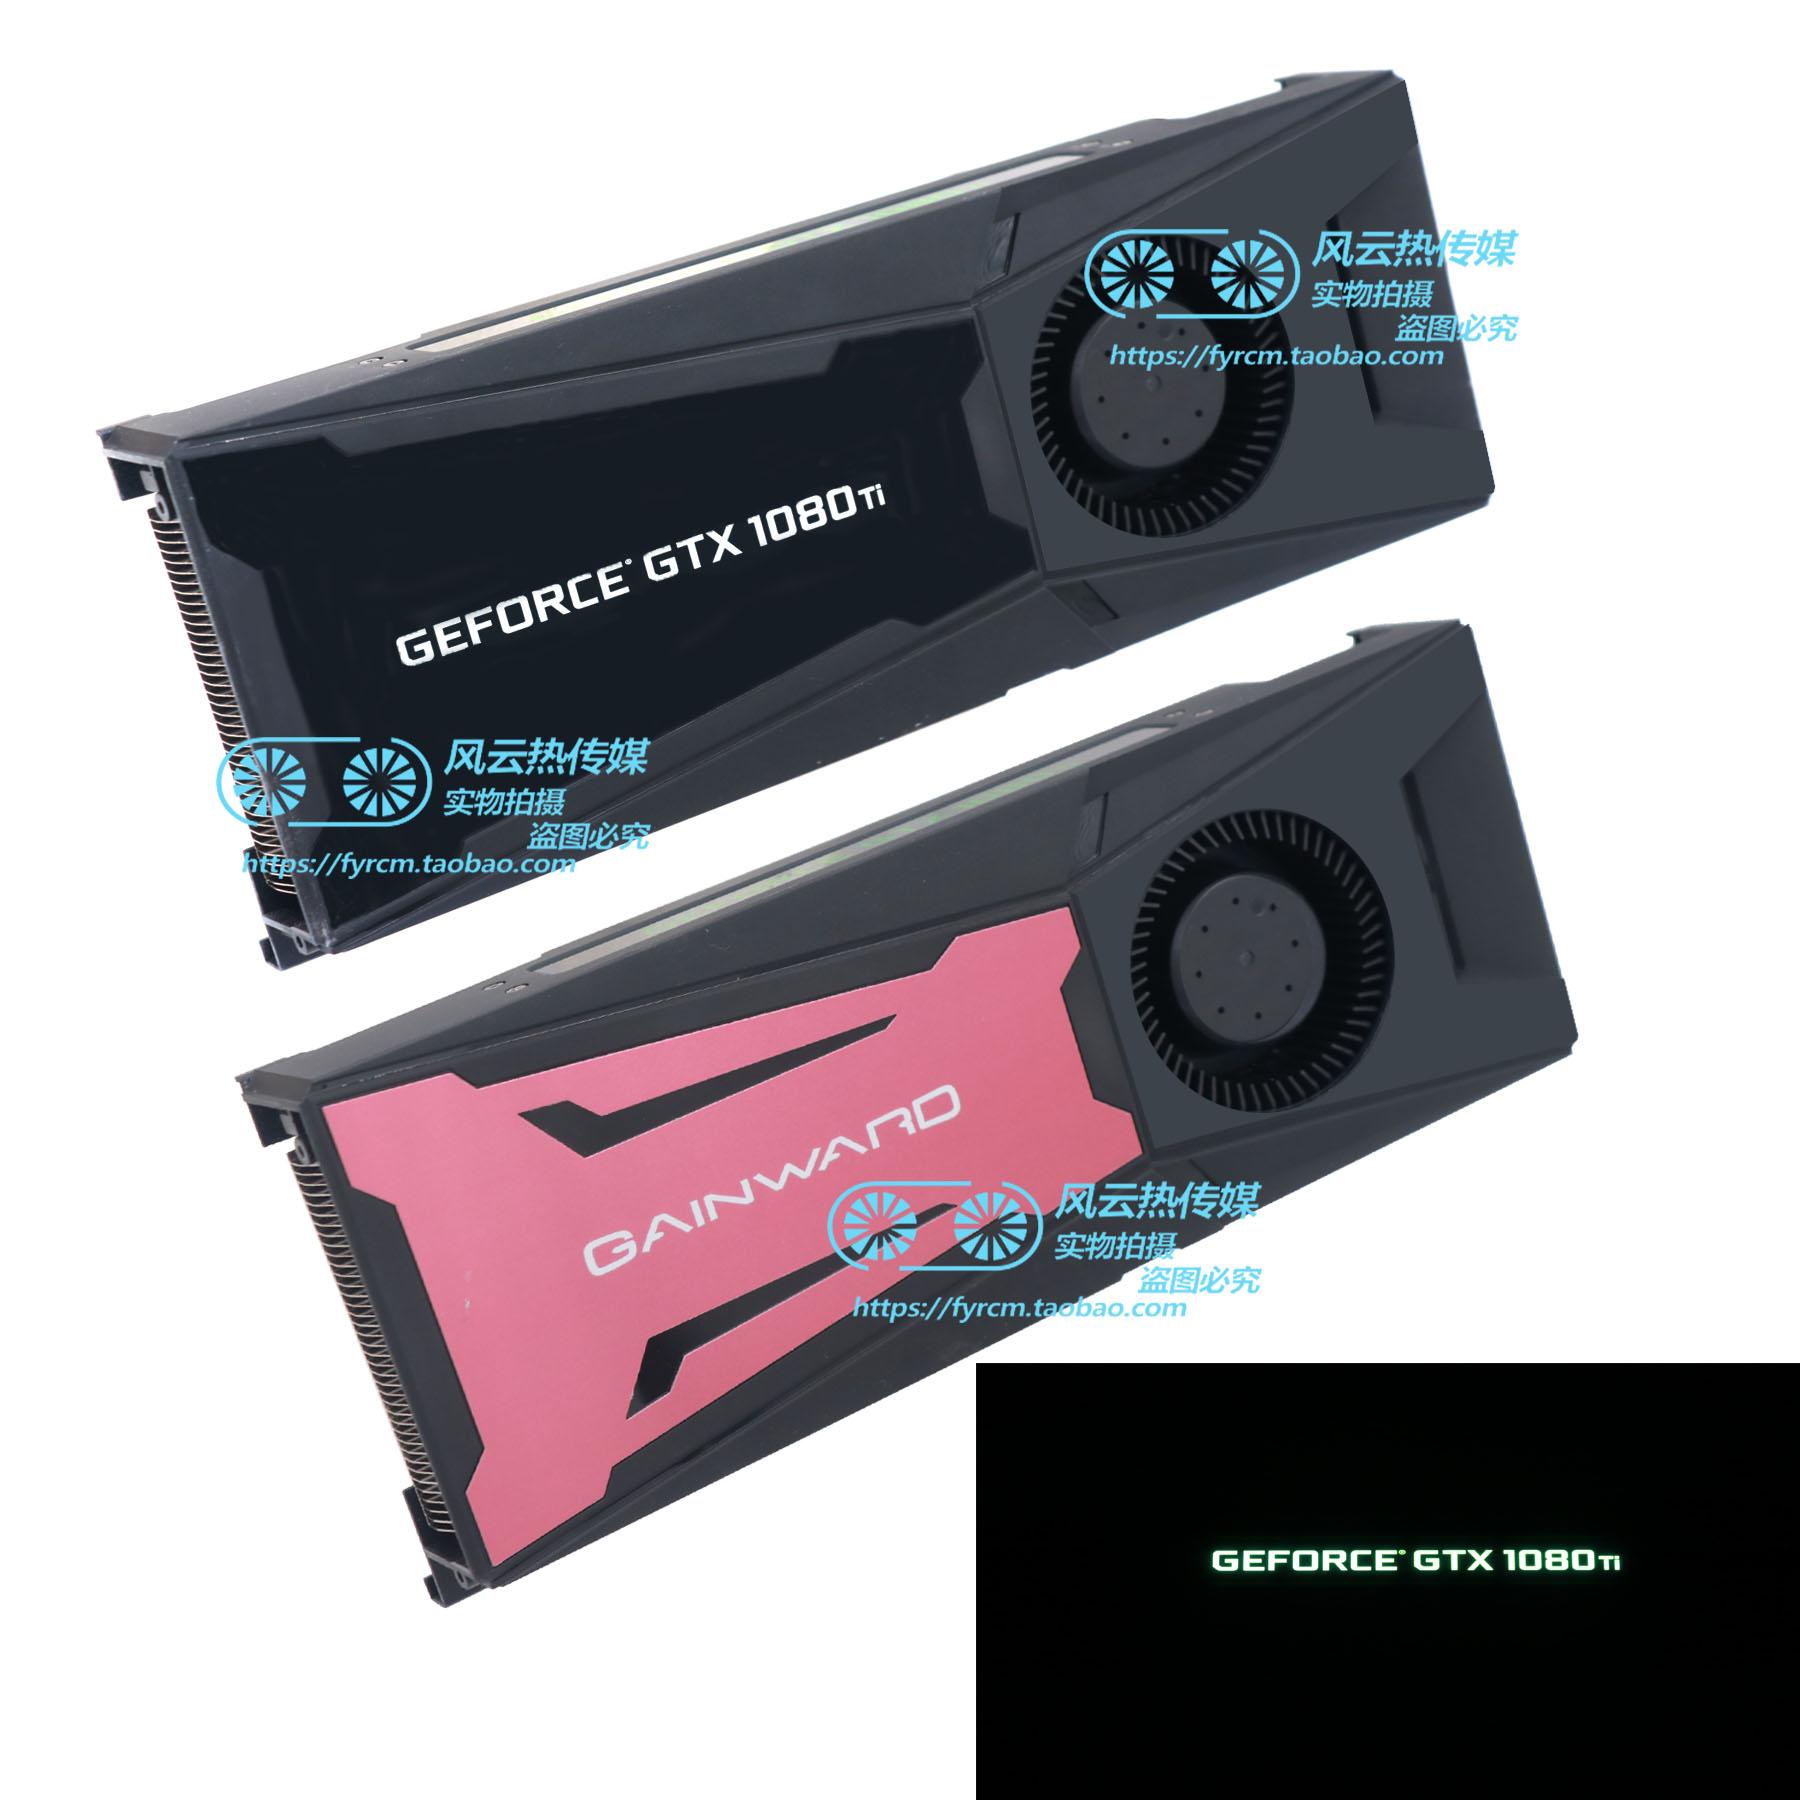 公版GTX1080Ti渦輪風扇顯卡散熱器帶信仰燈兼容GTX TiTAN XP顯卡